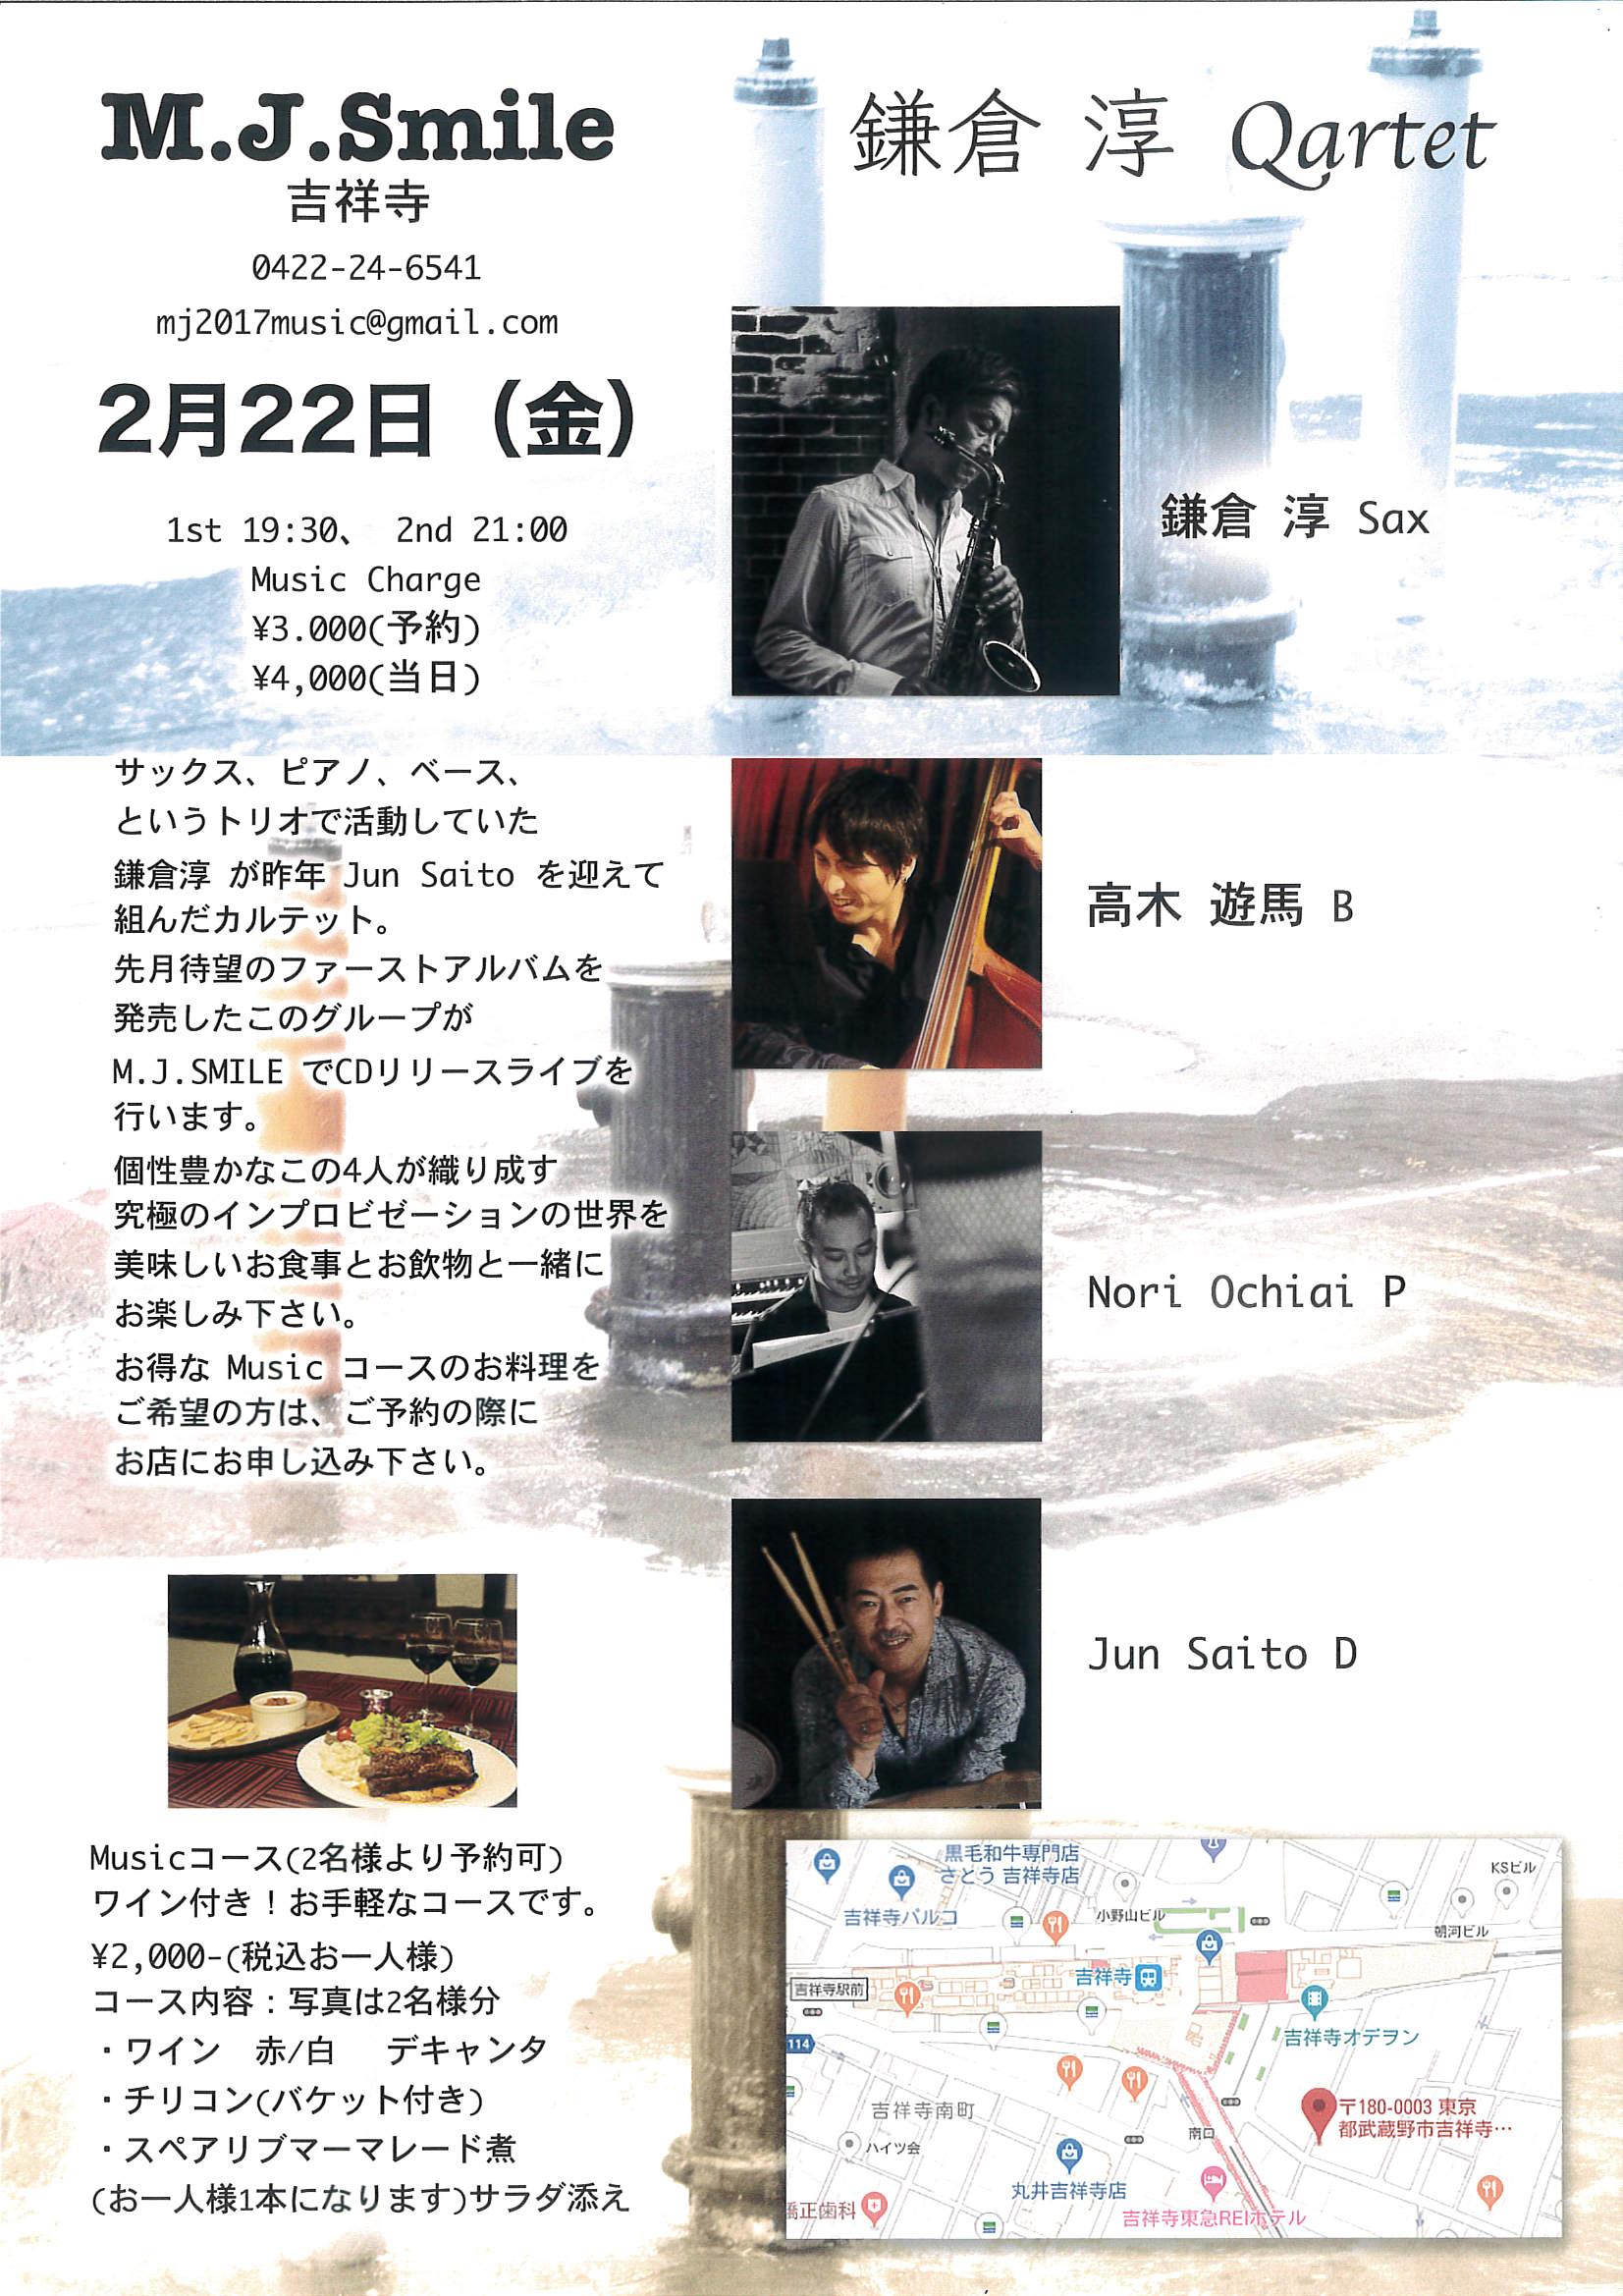 サックス、ピアノ、ベースというトリオで活動していた鎌倉淳が2018年にJun Saitoを迎えて組んだカルテットの公演情報。